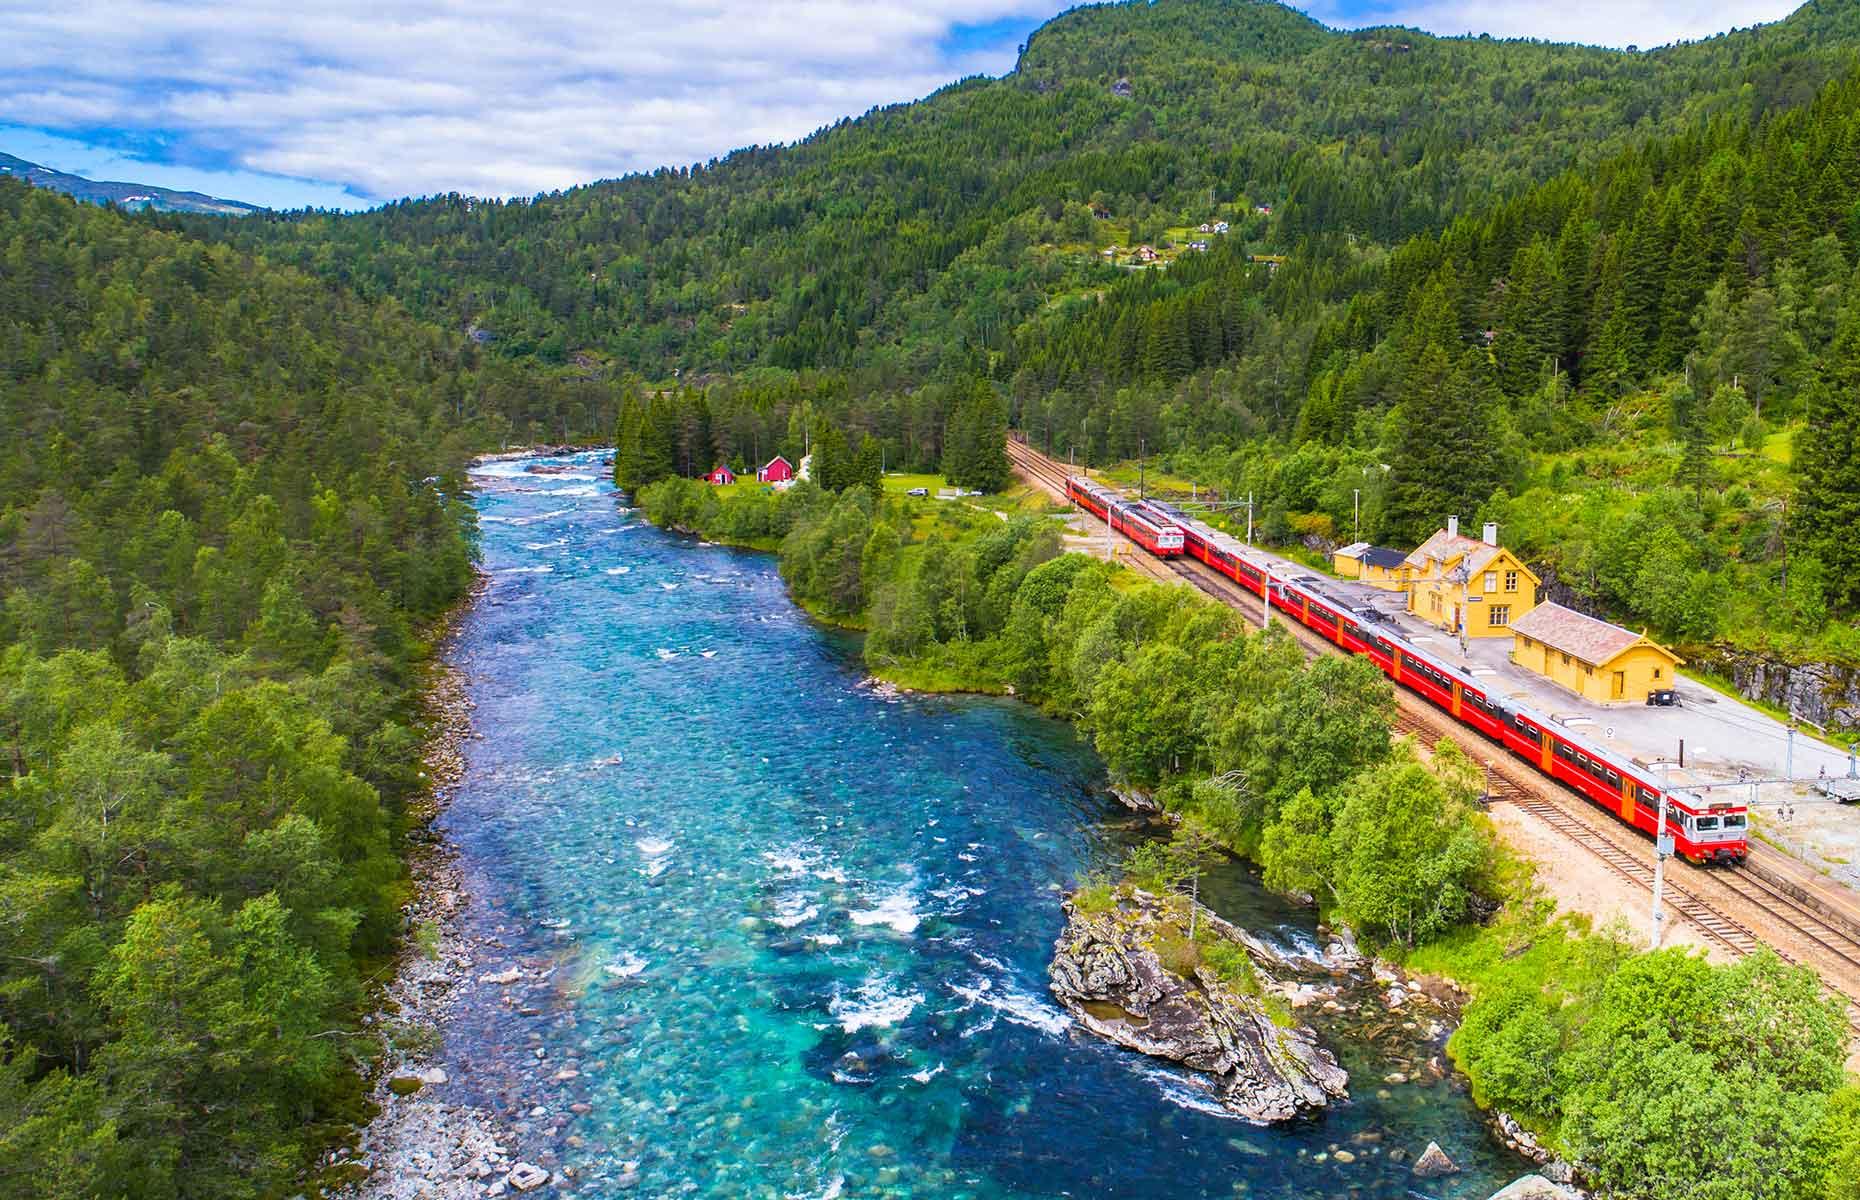 Bergen Railway (Image: Marius Dobilas/Shutterstock)